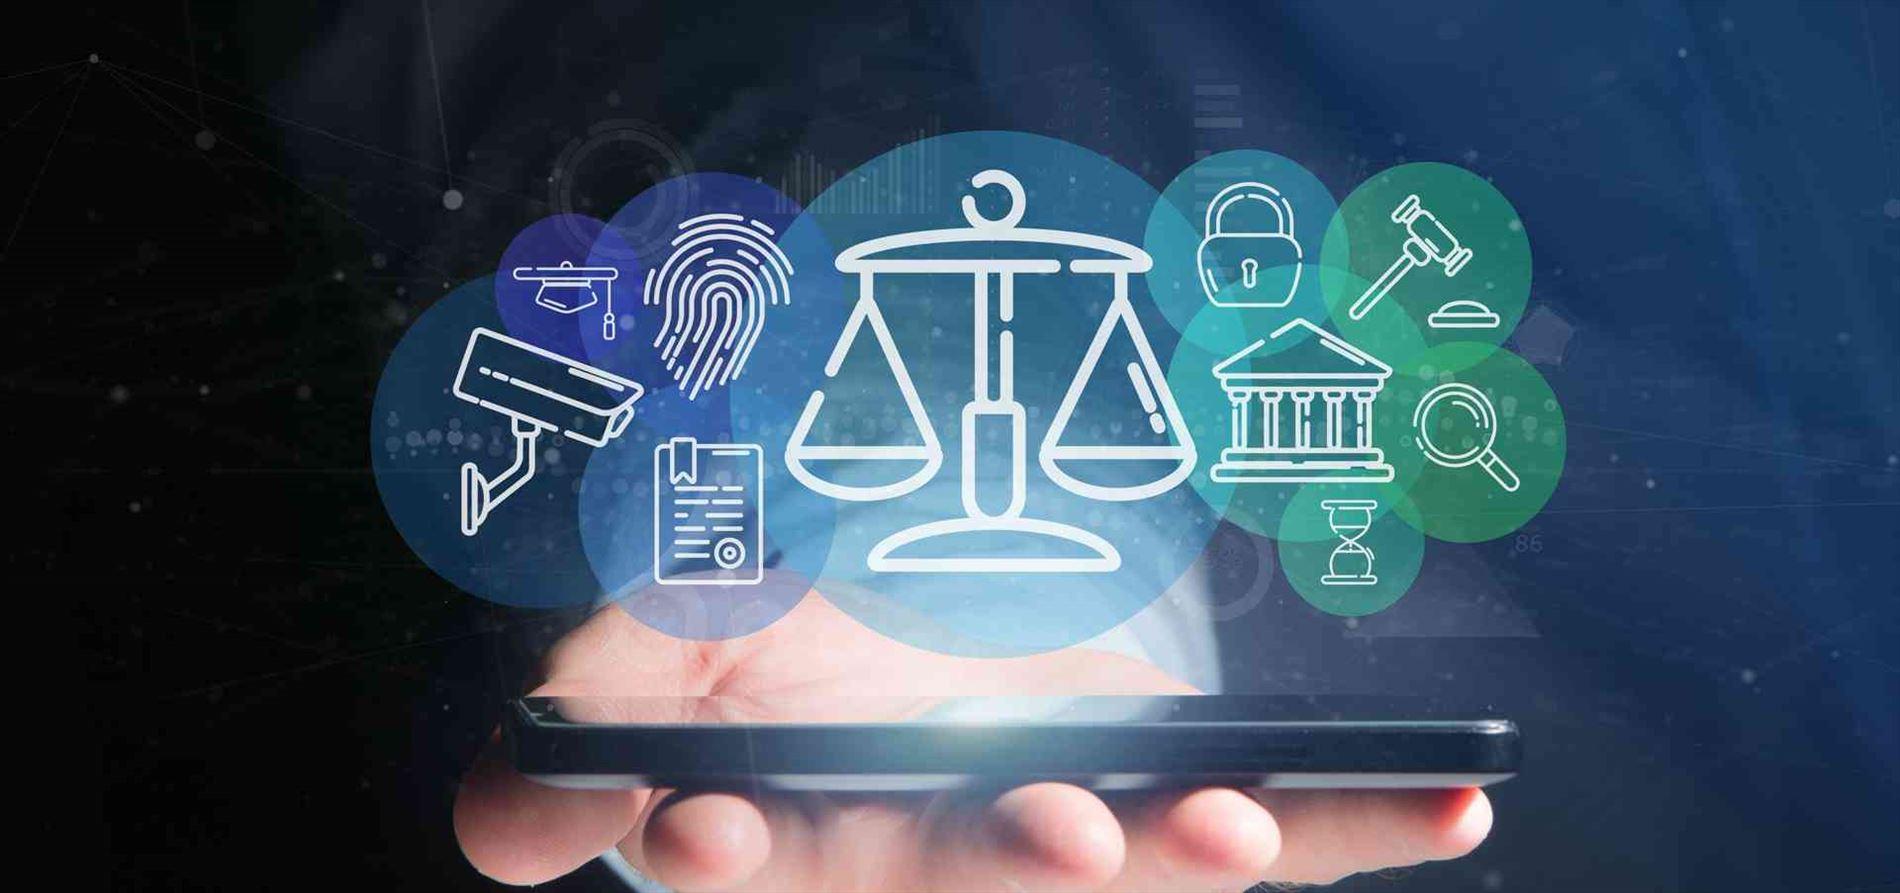 תמונת חוויה המתארת בניית אתרים לעורכי דין - אתרי אינטרנט ברמה גבוהה לתדמית מקצועית ואמינה